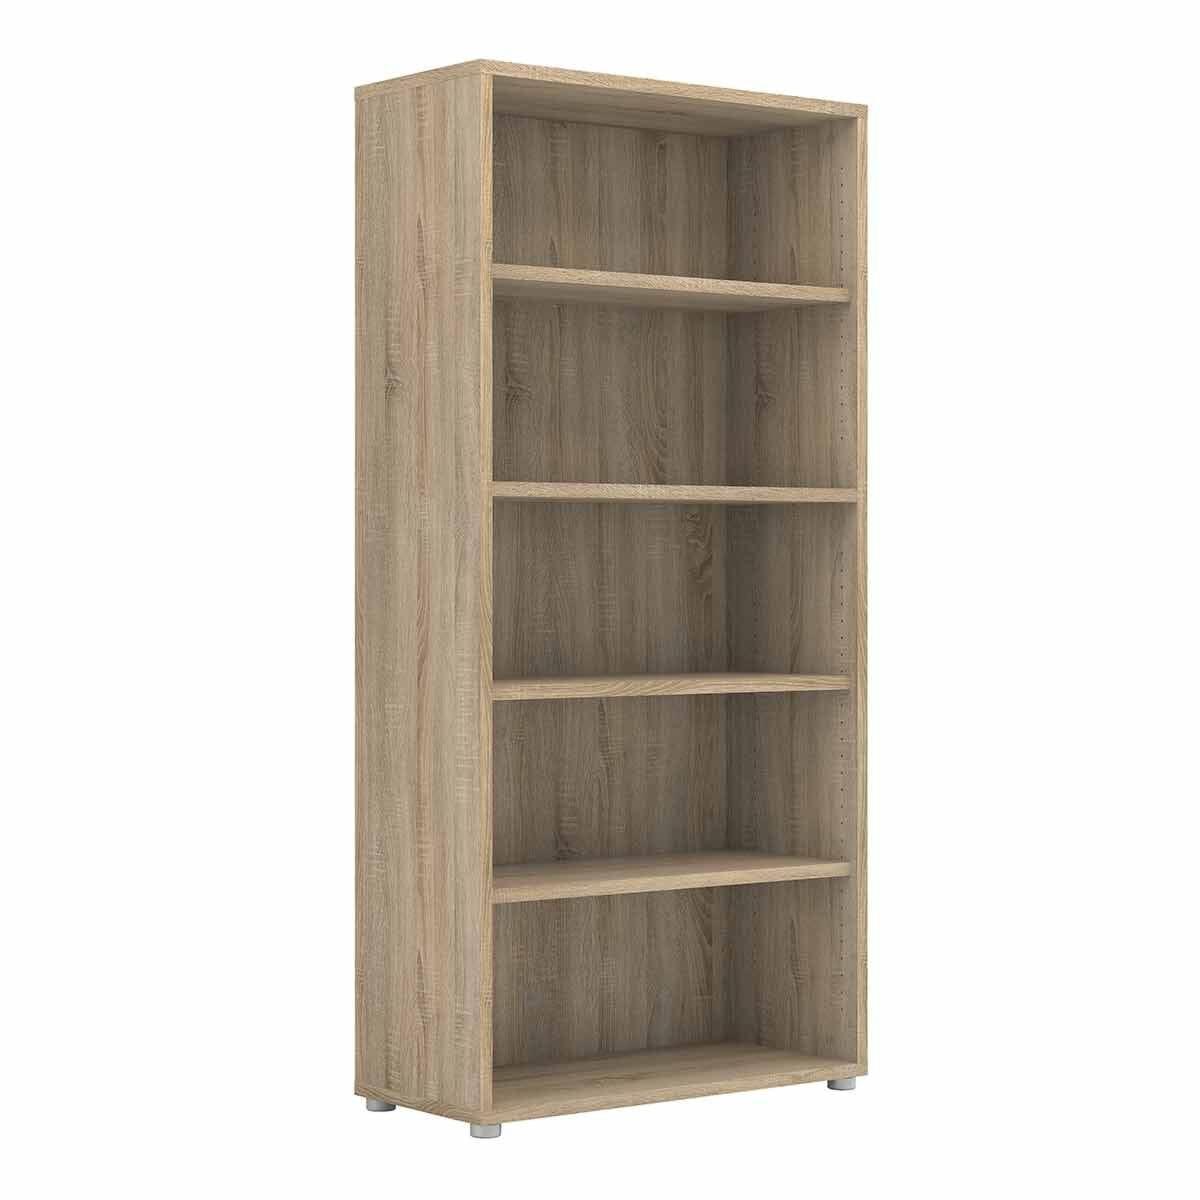 Prima Bookcase with 4 Shelves Oak